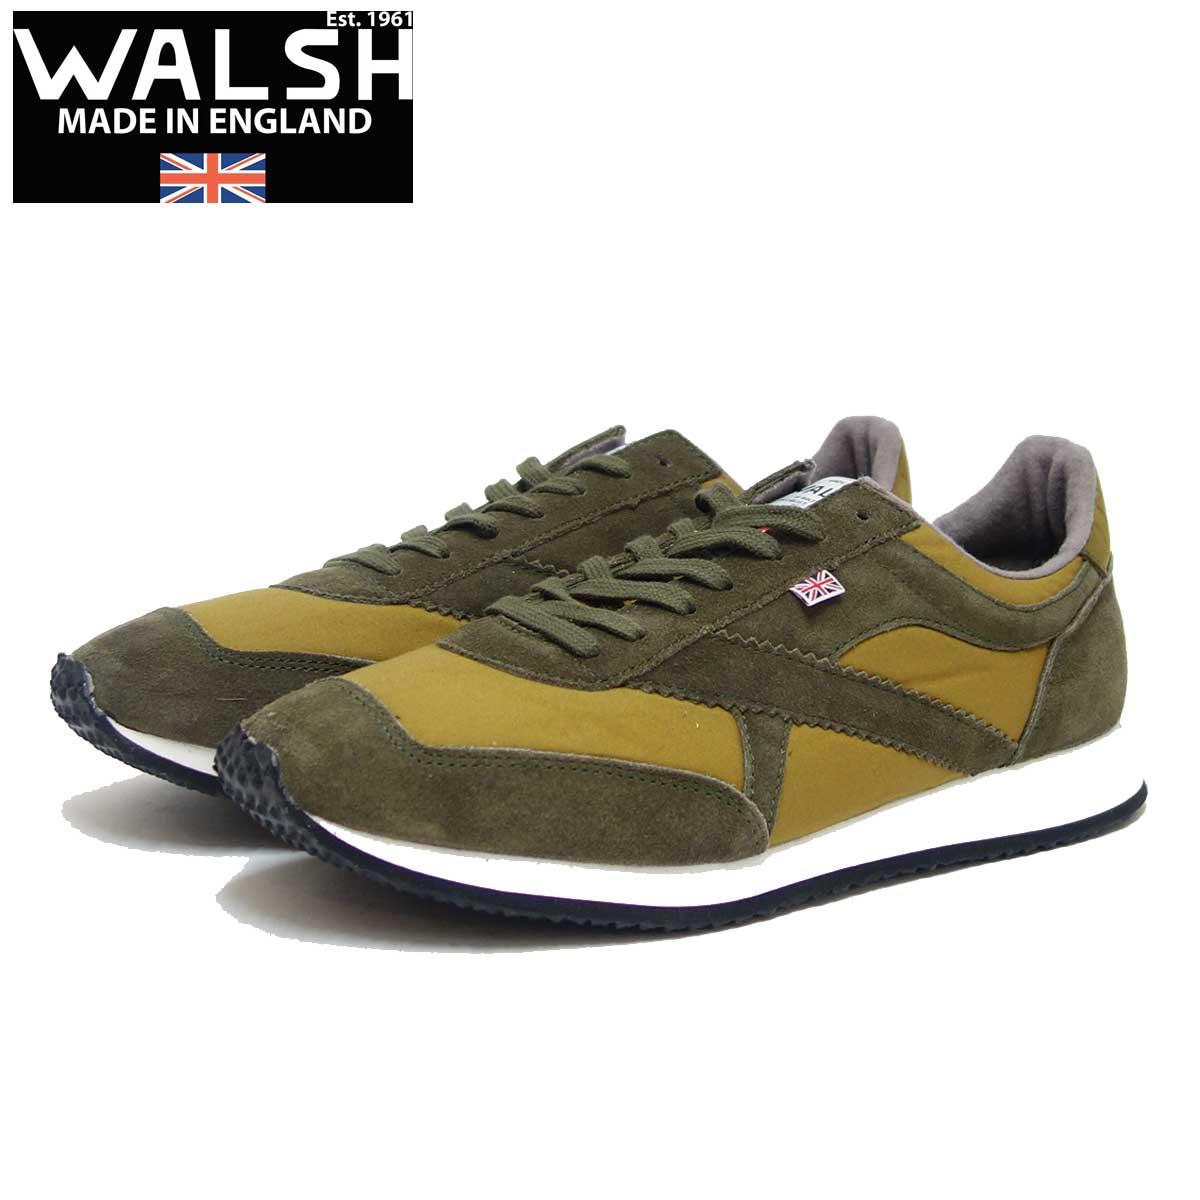 WALSH ウォルシュ TOR51020(ユニセックス) Tornado Halley Steavensons カラー:Forest(英国製) スエード&ワックスキャンバスのランニングスニーカー 「靴」